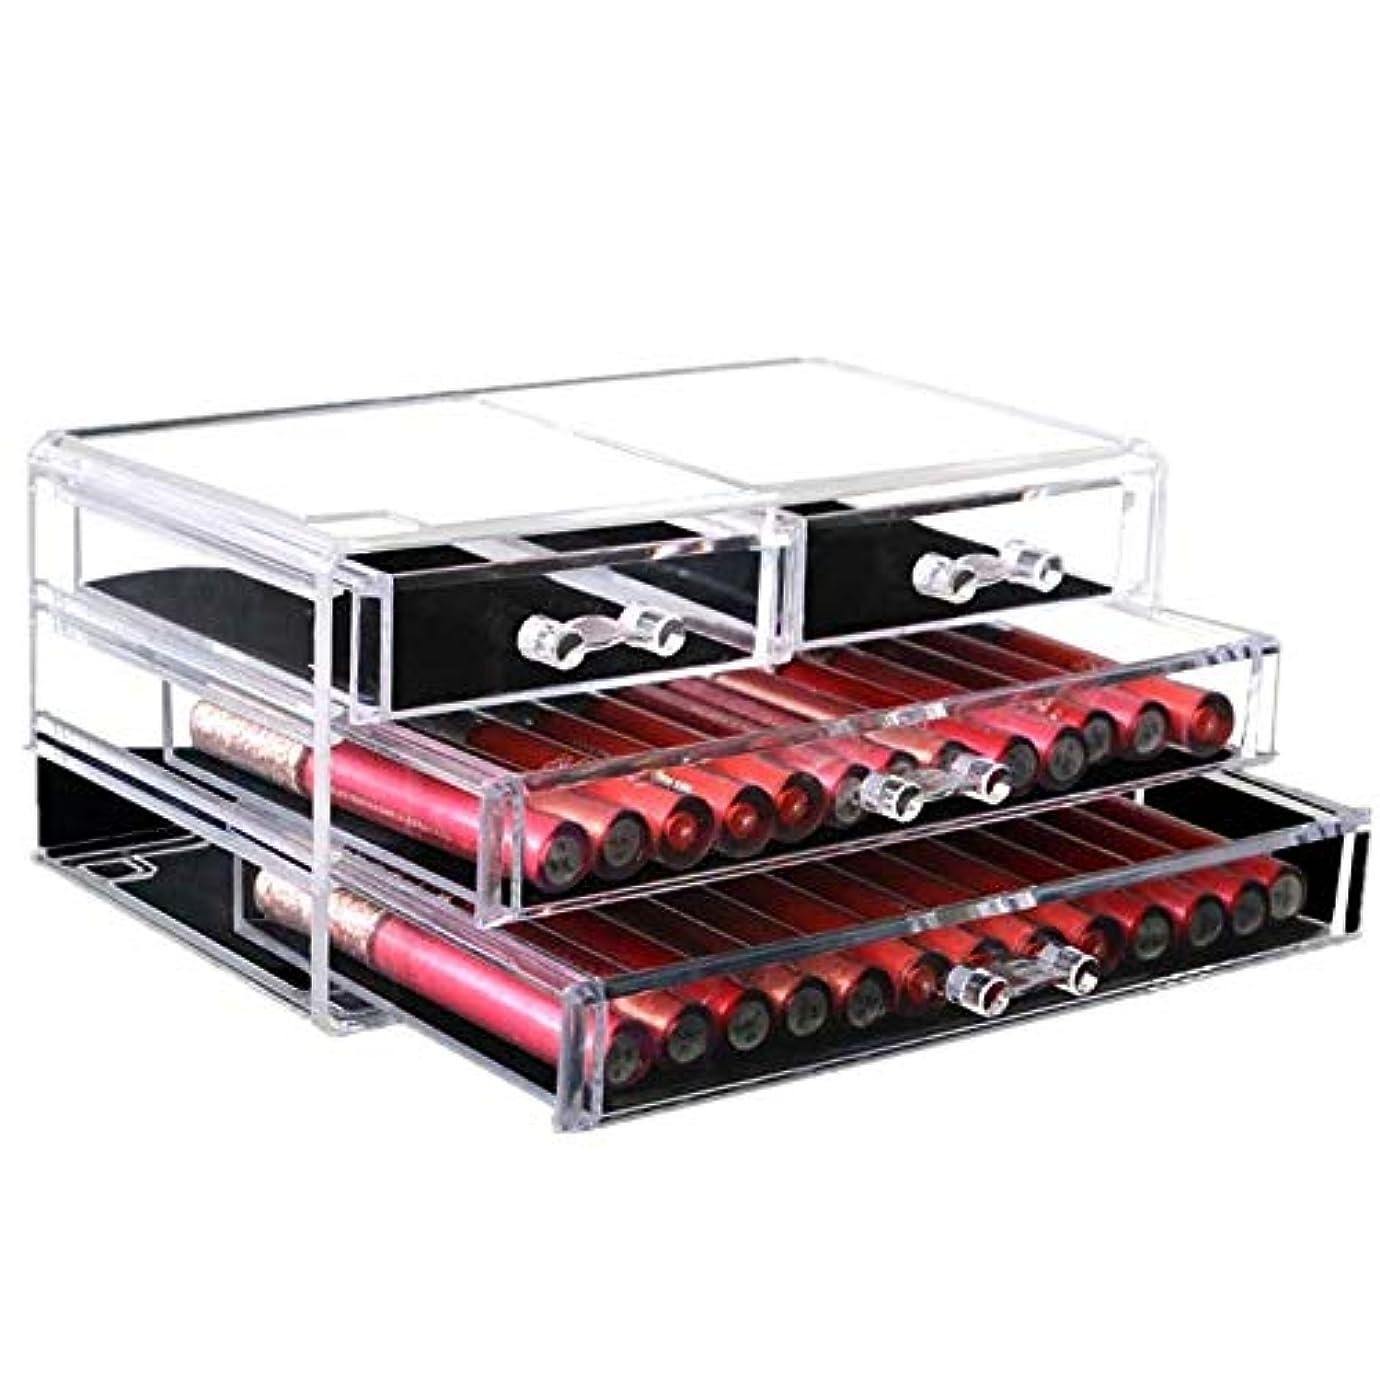 間違っている間違いなくアライメント整理簡単 引出しの構造の宝石類のディスプレイ?ボックスが付いている簡単で明確なアクリルの化粧品のオルガナイザー (Color : Clear, Size : 24*13.5*11CM)